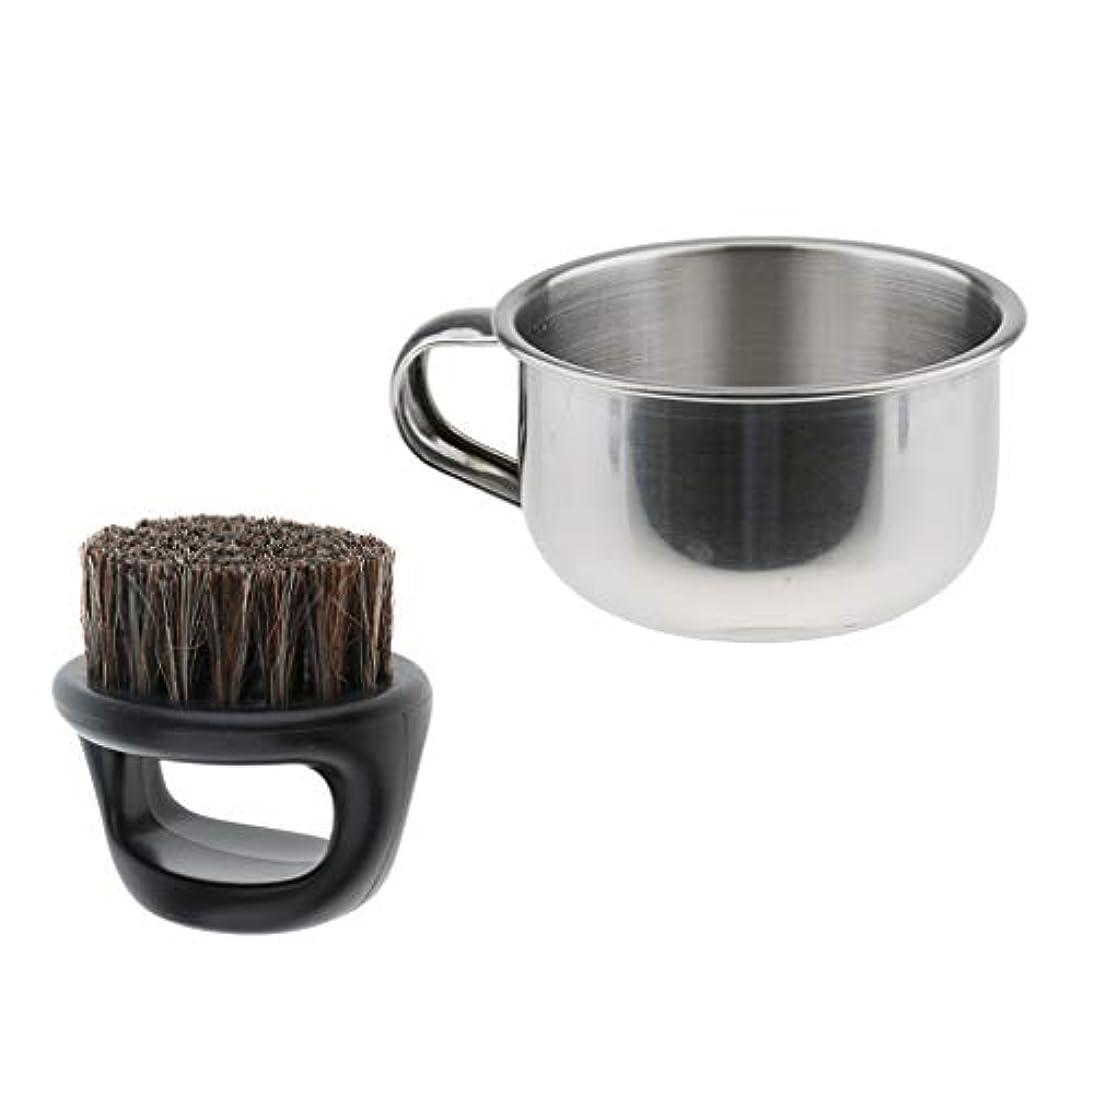 弱まる彼らの援助シェービングブラシ シェービングボウル メンズ 髭剃り シェービング用アクセサリー サロン 理髪用 2点